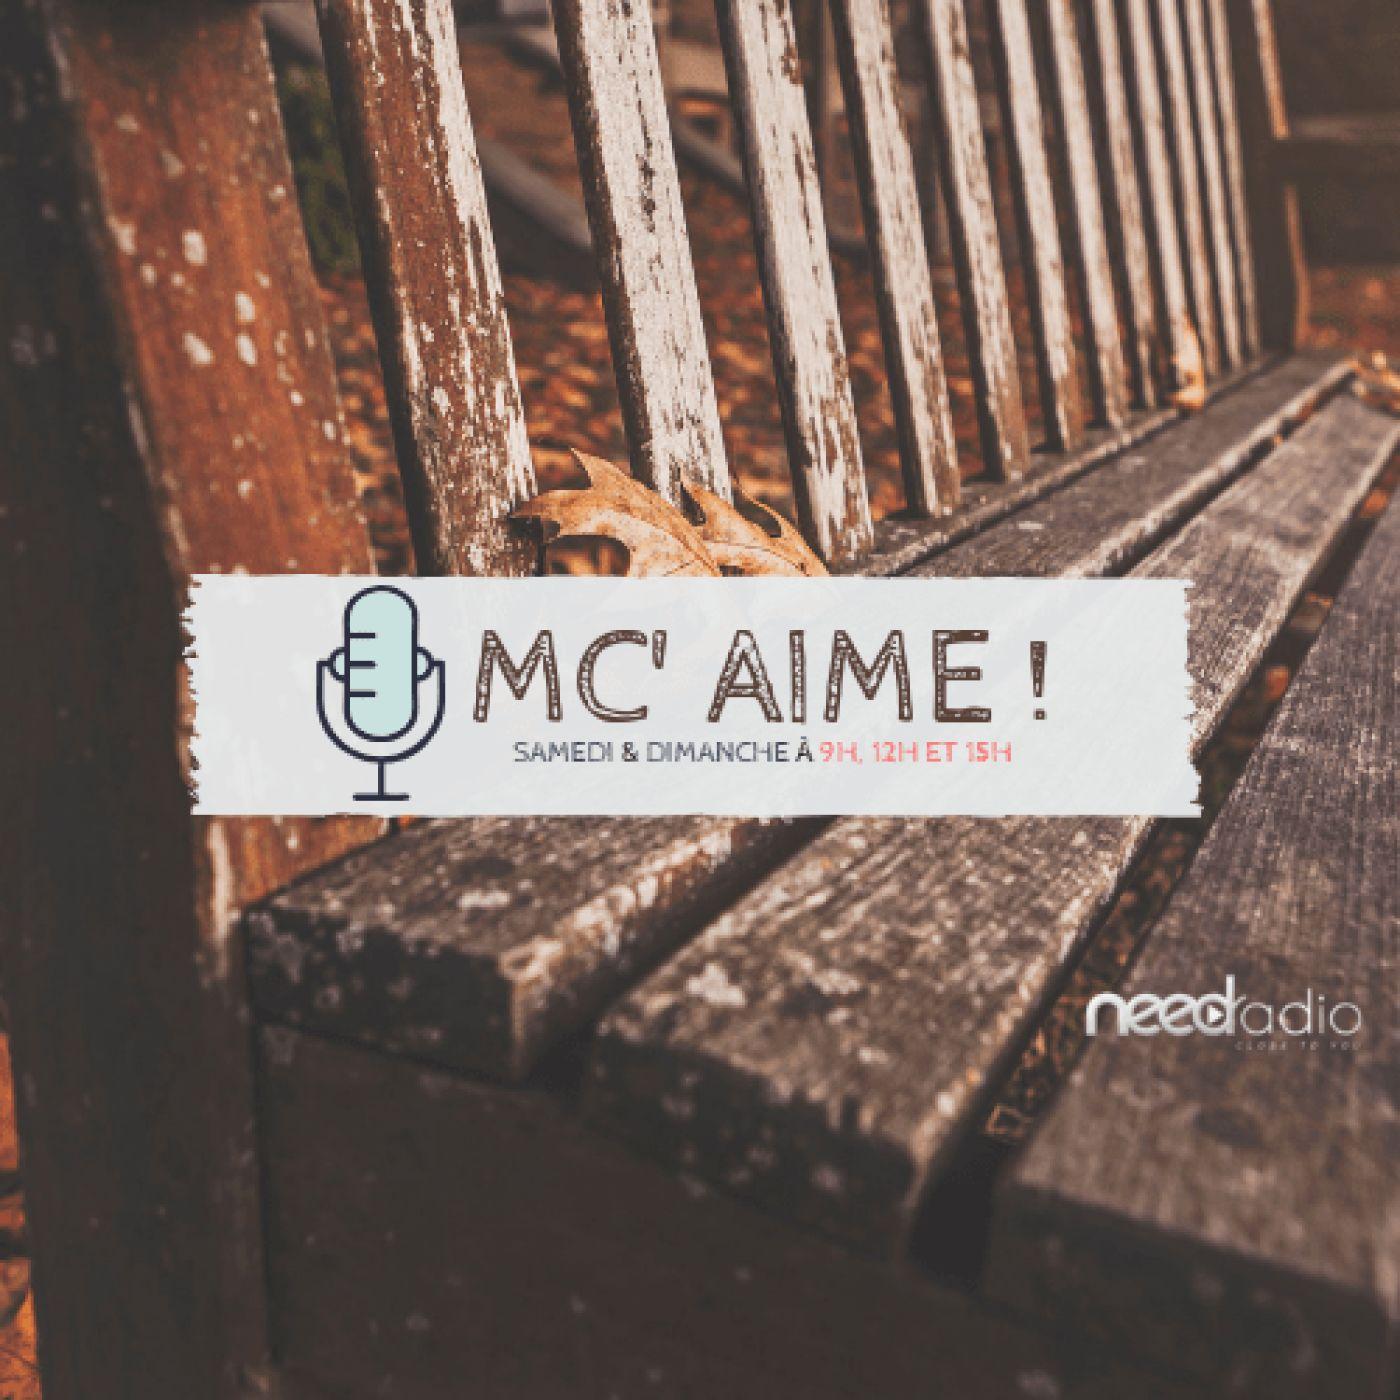 MC 'Aime - Caroline VIGNEAUX et croque la pomme (11/05/19)